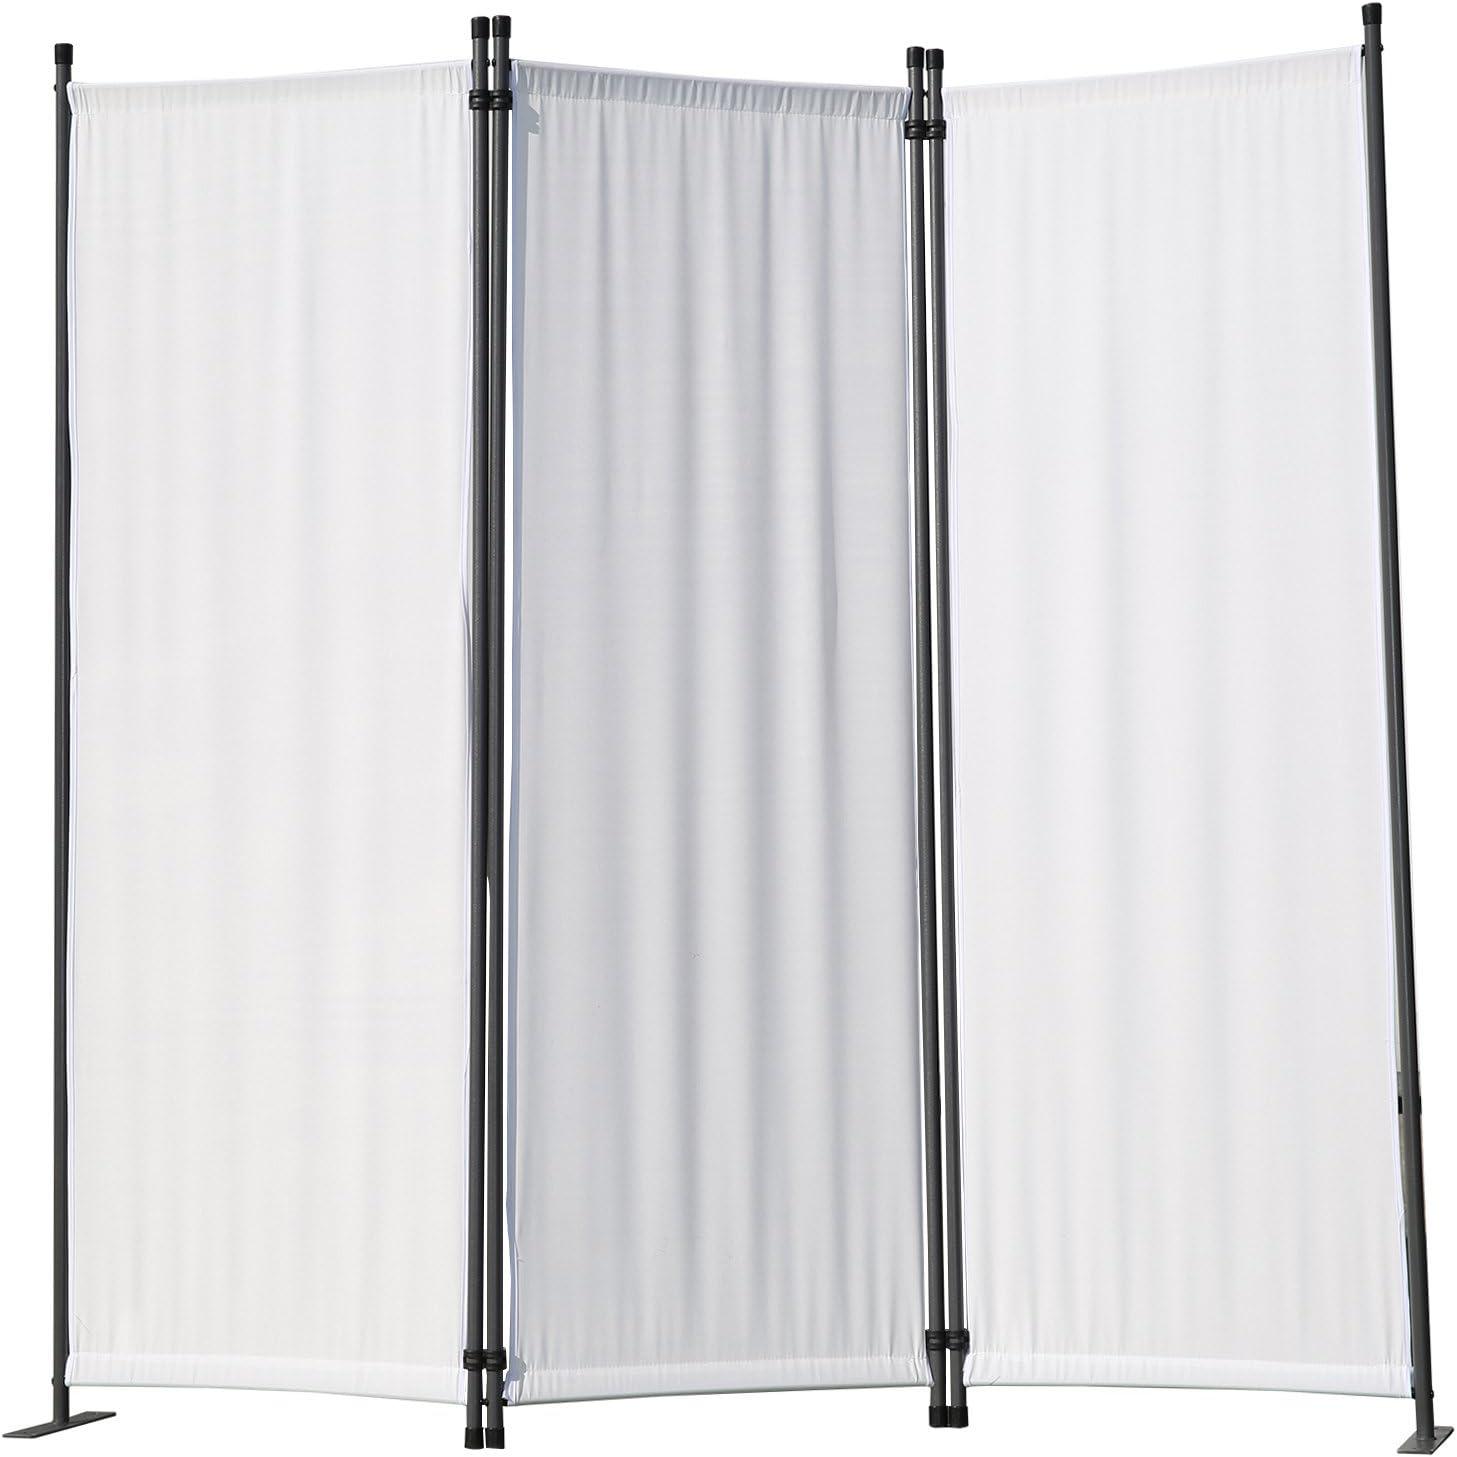 Angel Living Biombo Separador de 3 Paneles, Decoración Elegante, Separador de Ambientes Plegable, Divisor de Habitaciones, 169X165 cm (Blanco): Amazon.es: Hogar